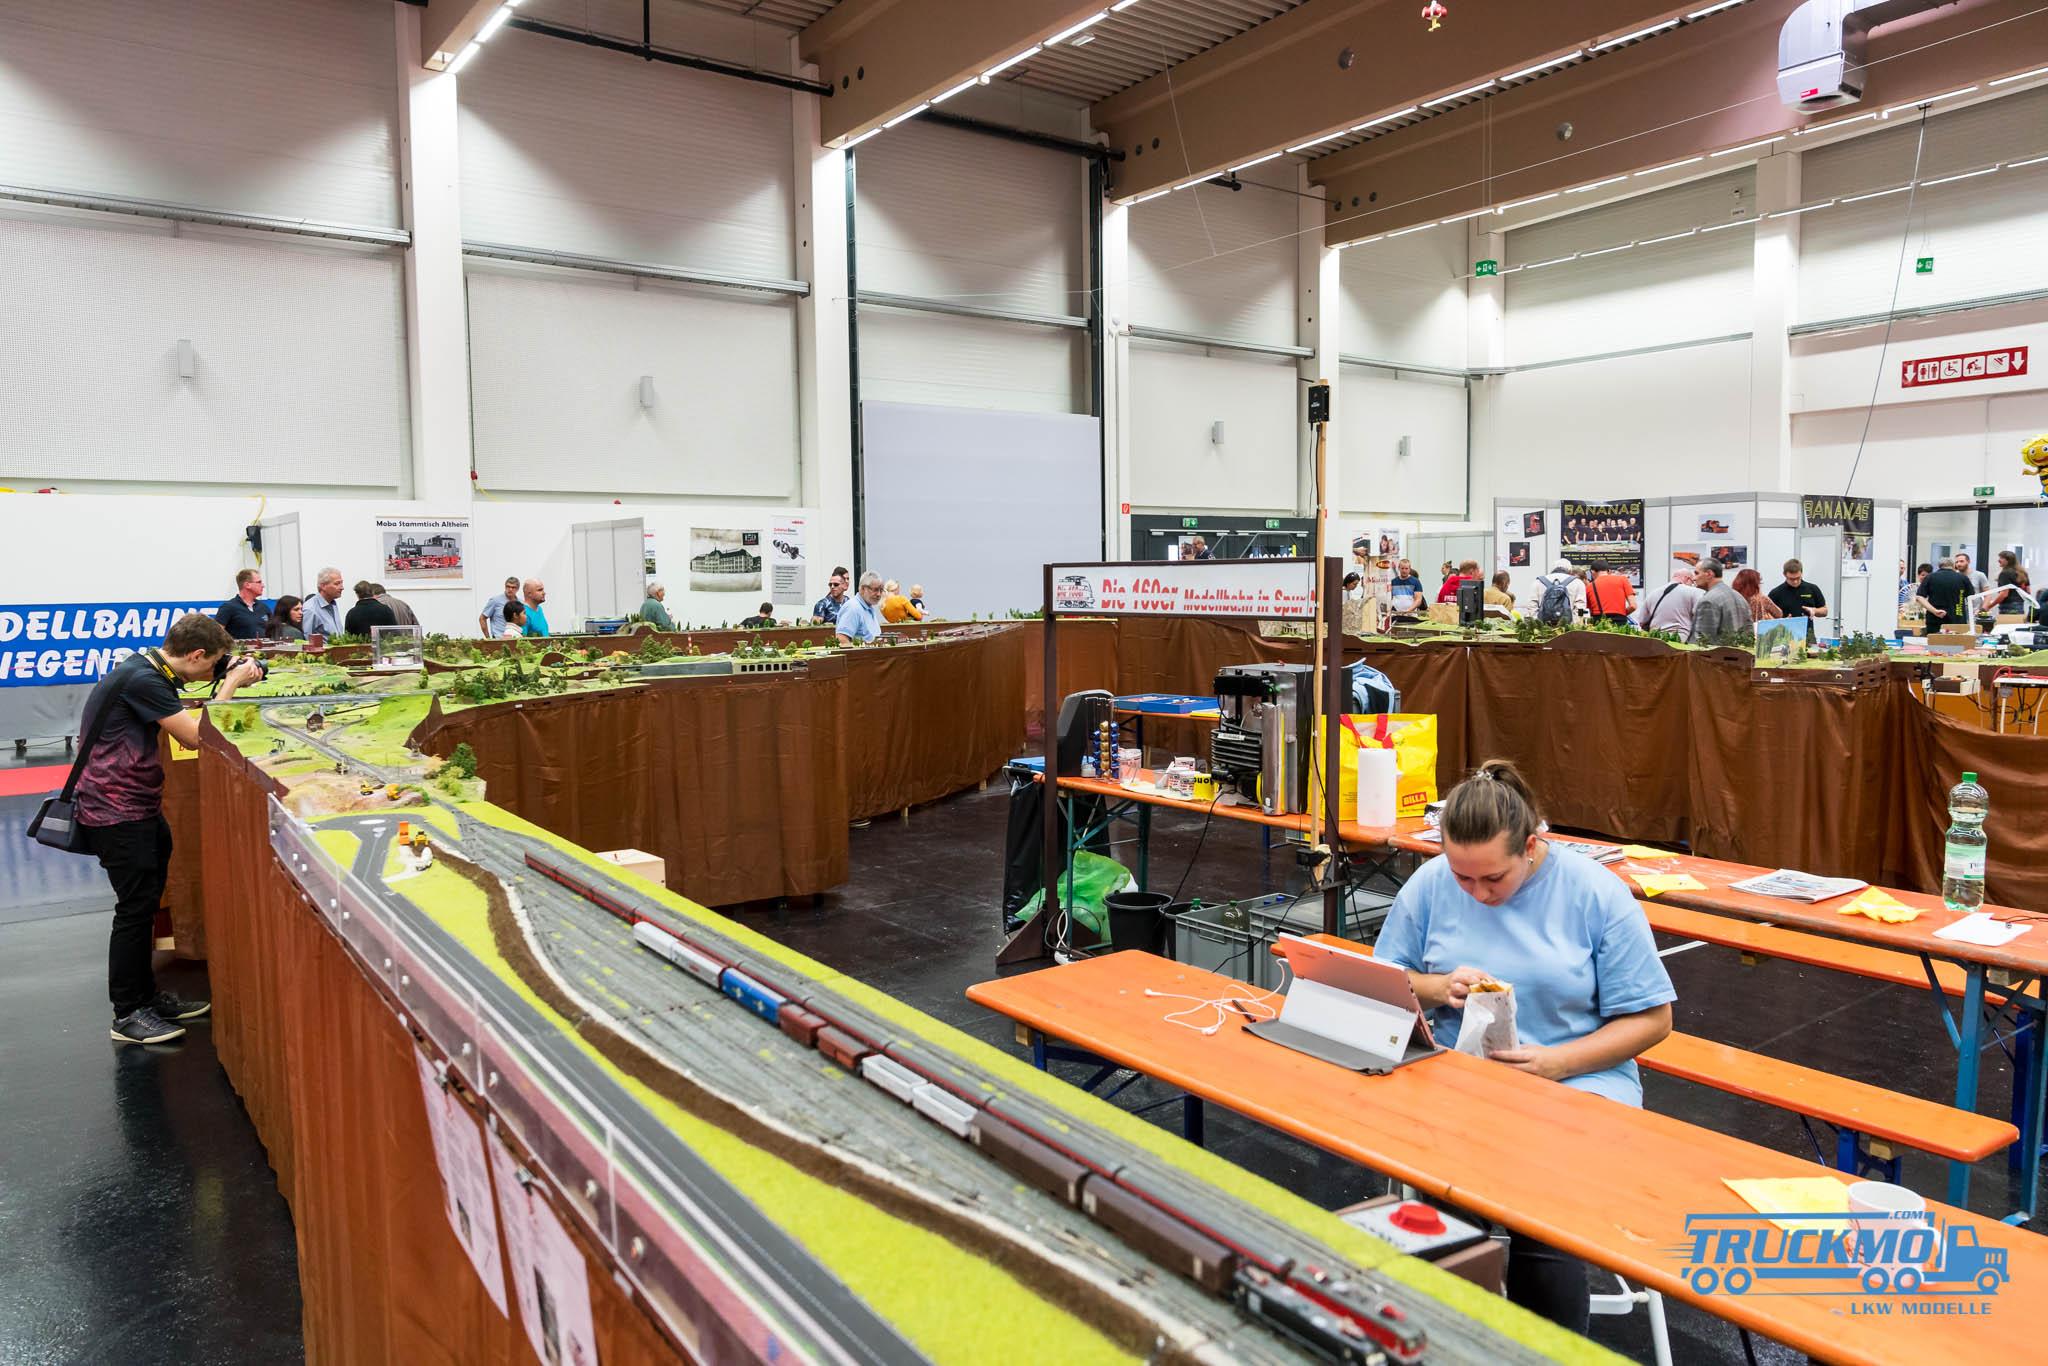 Truckmo_Modellbau_Ried_2017_Herpa_Messe_Modellbauausstellung (113 von 1177)